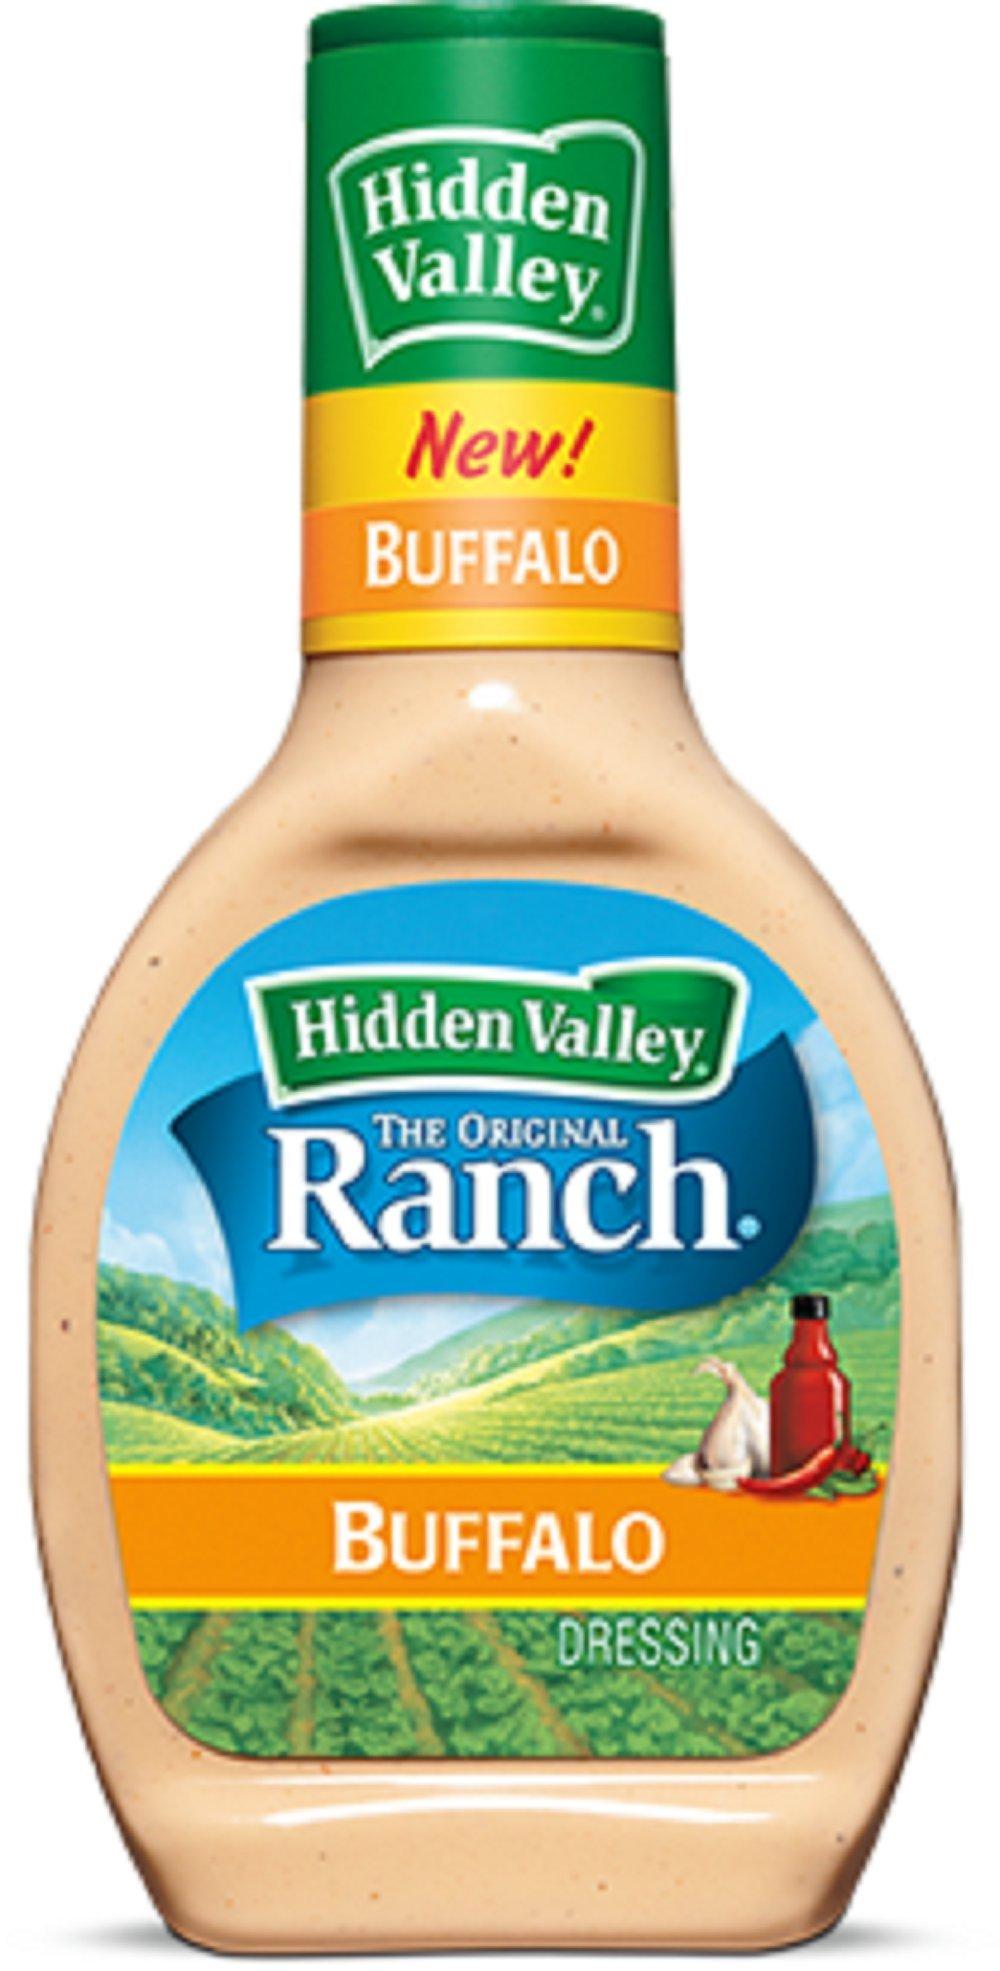 Hidden Valley Ranch Buffalo Salad Dressing